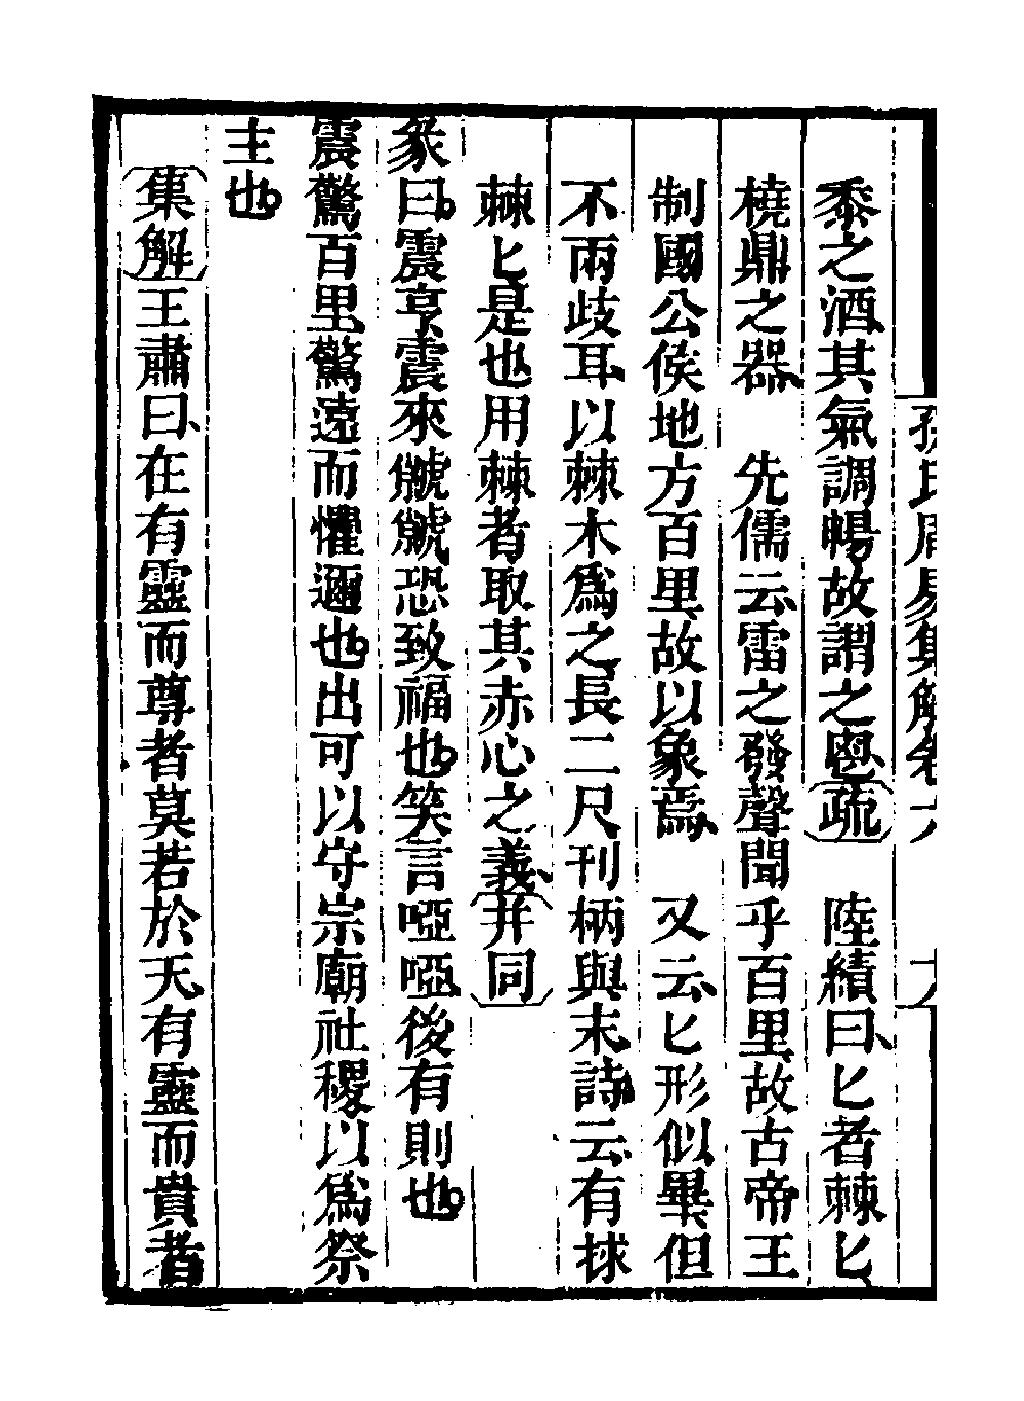 51. 震卦   孫星衍《周易集解》(孫氏周易集解)   易學網